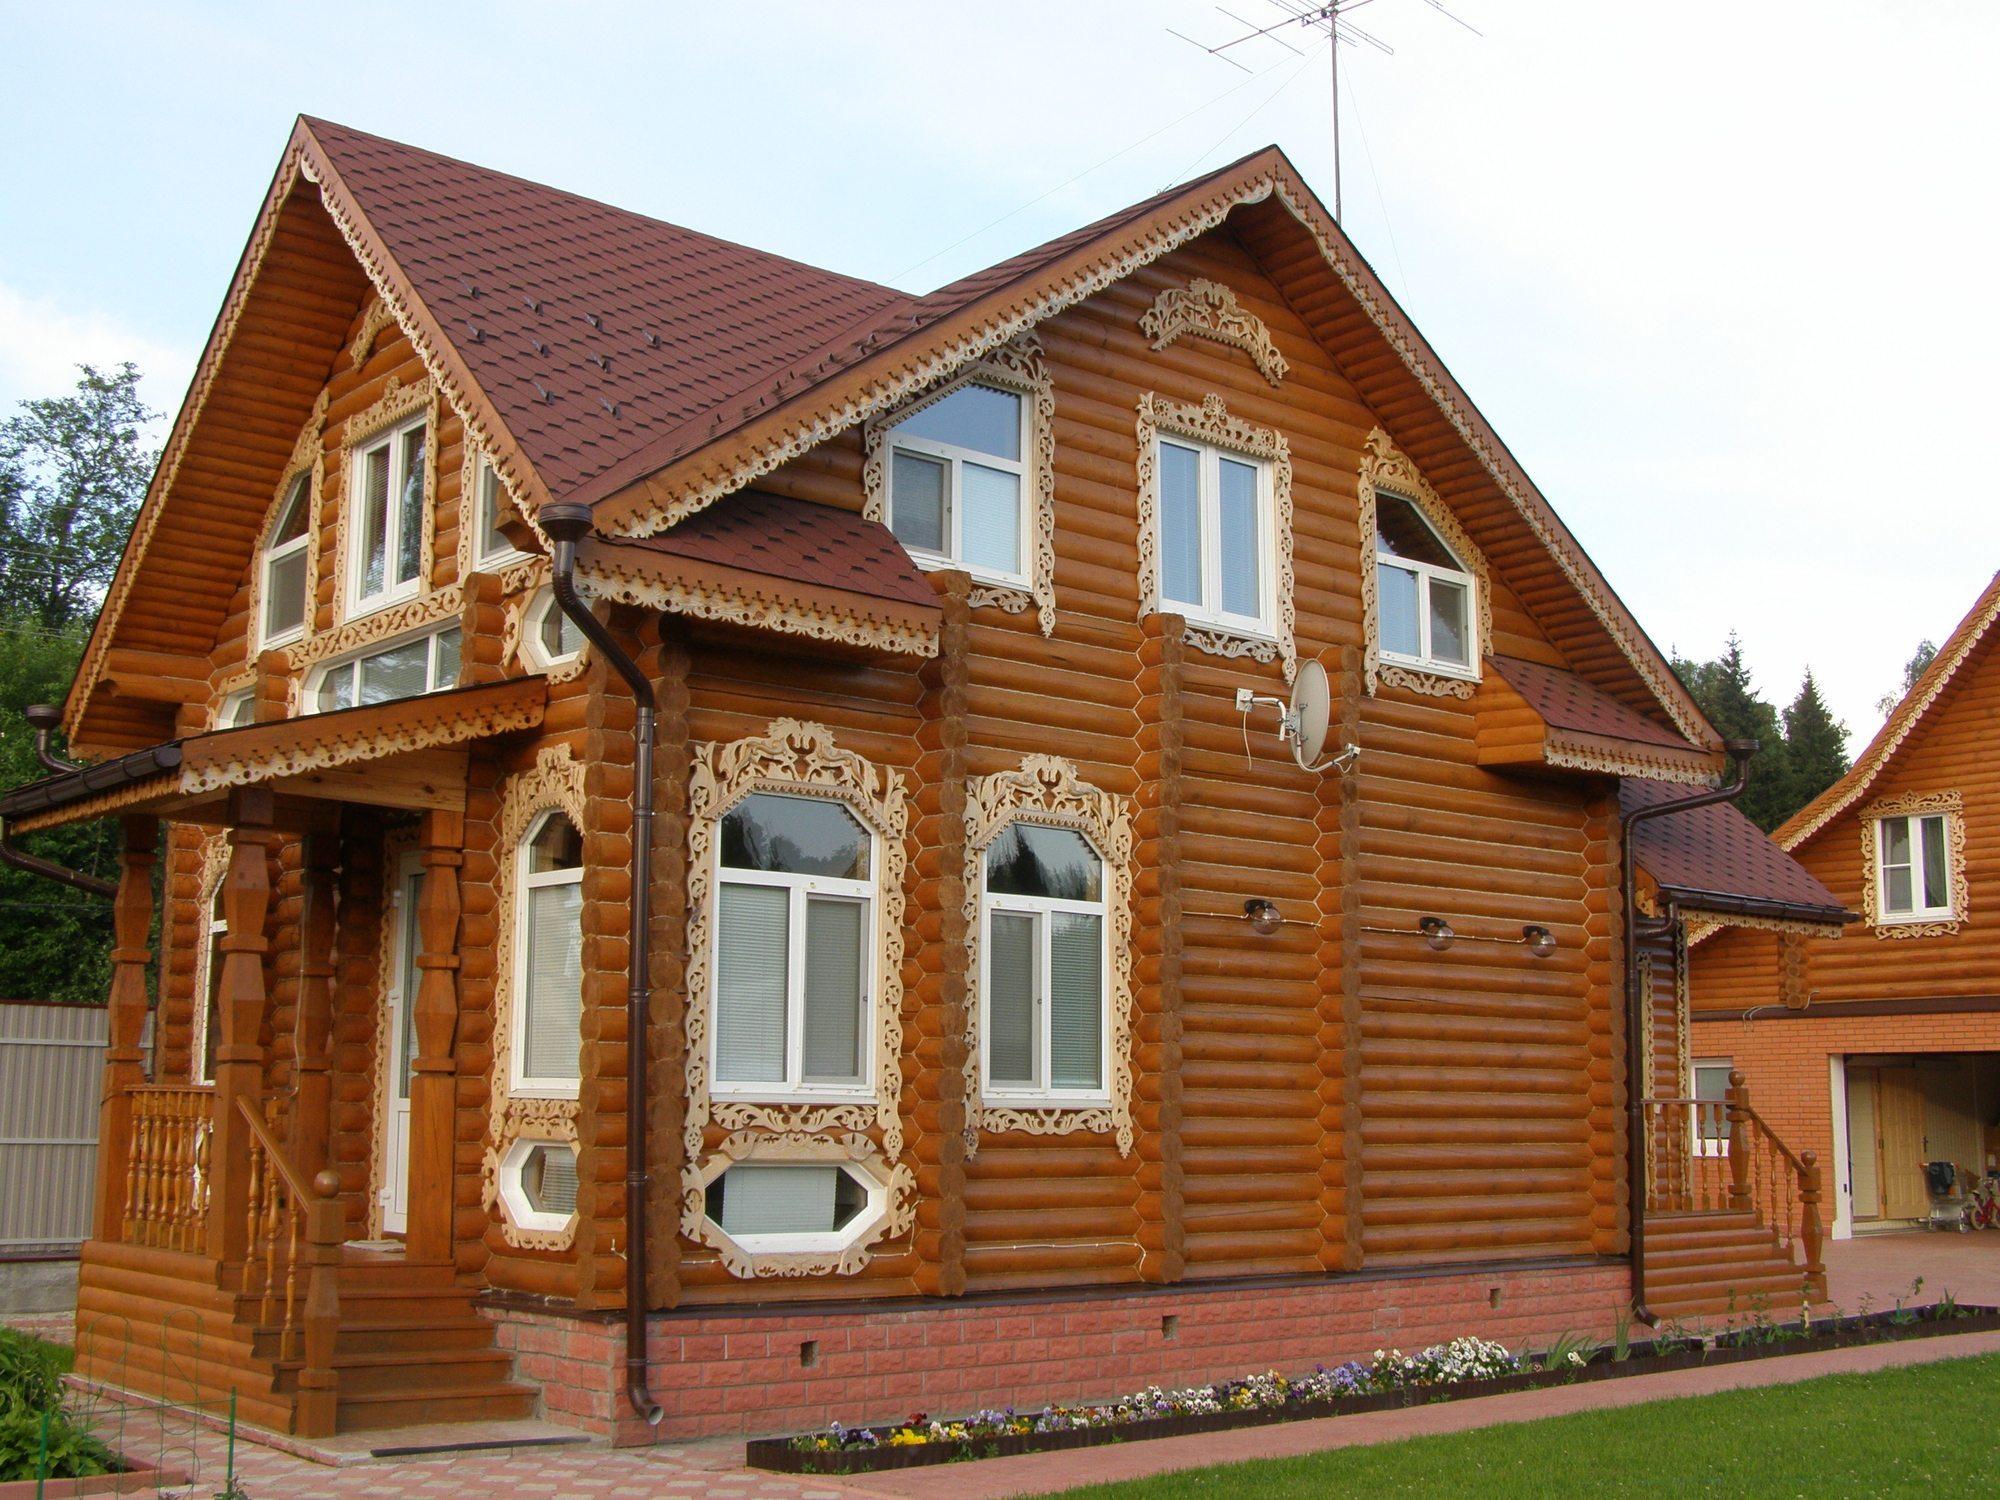 Дом, украшенный наличниками